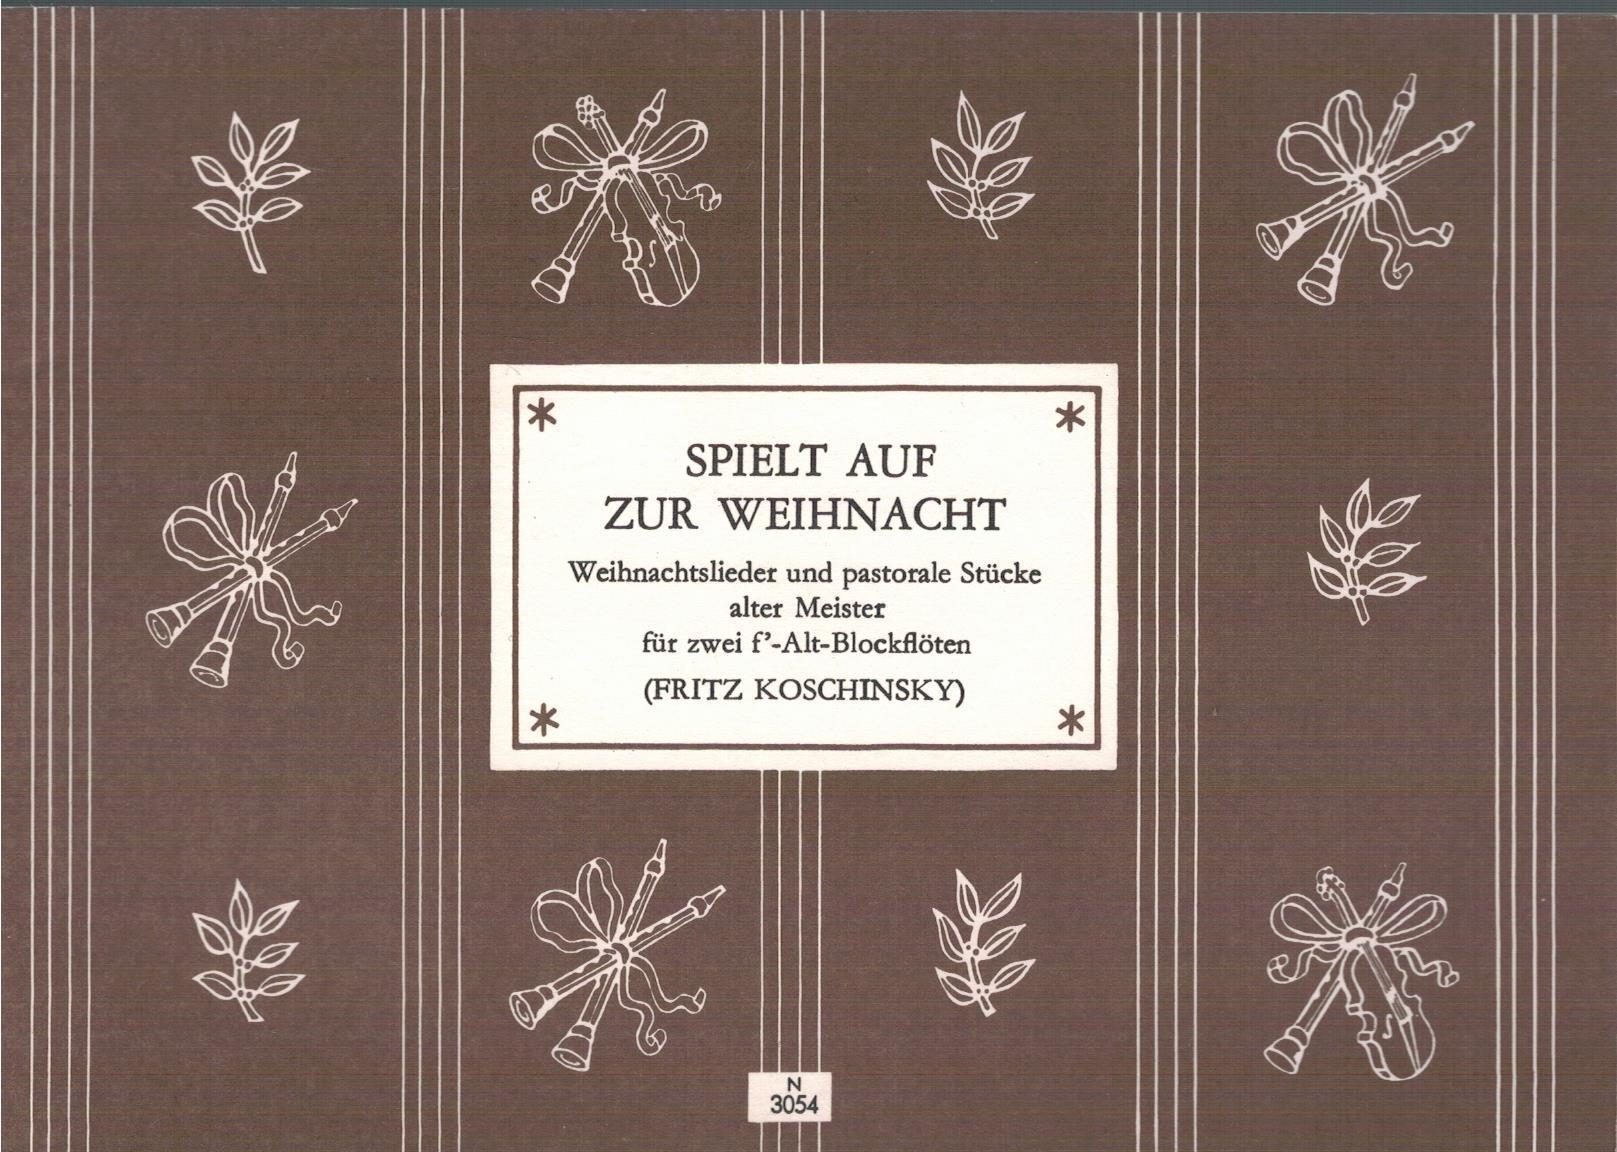 Populäre Weihnachtslieder.Alte Weihnachtslieder Und Zvab